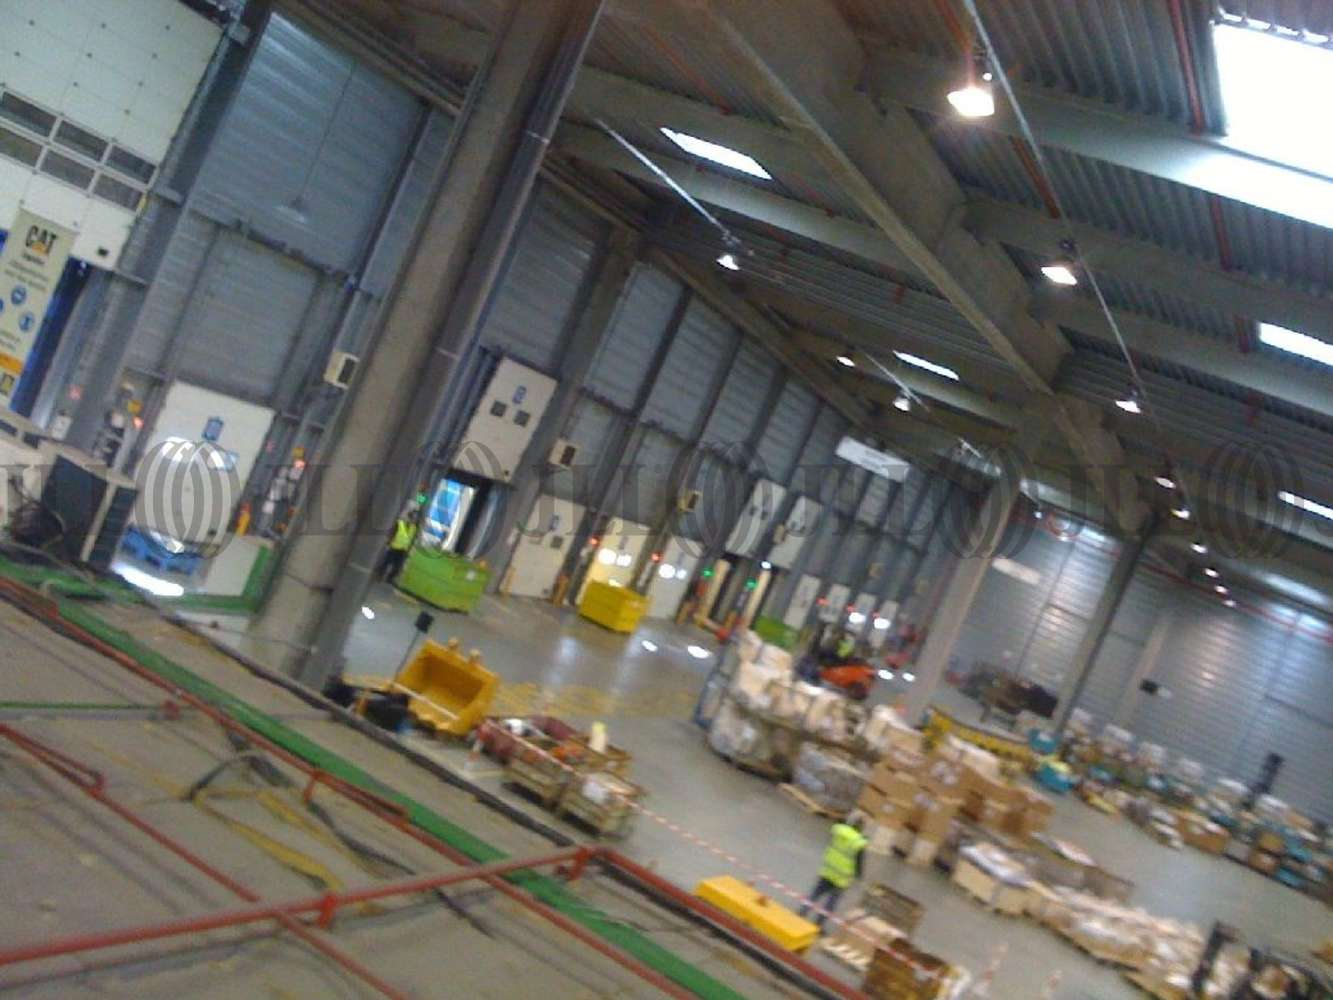 Plateformes logistiques Le versoud, 38420 - Achat / Location entrepot Lyon Est (38)